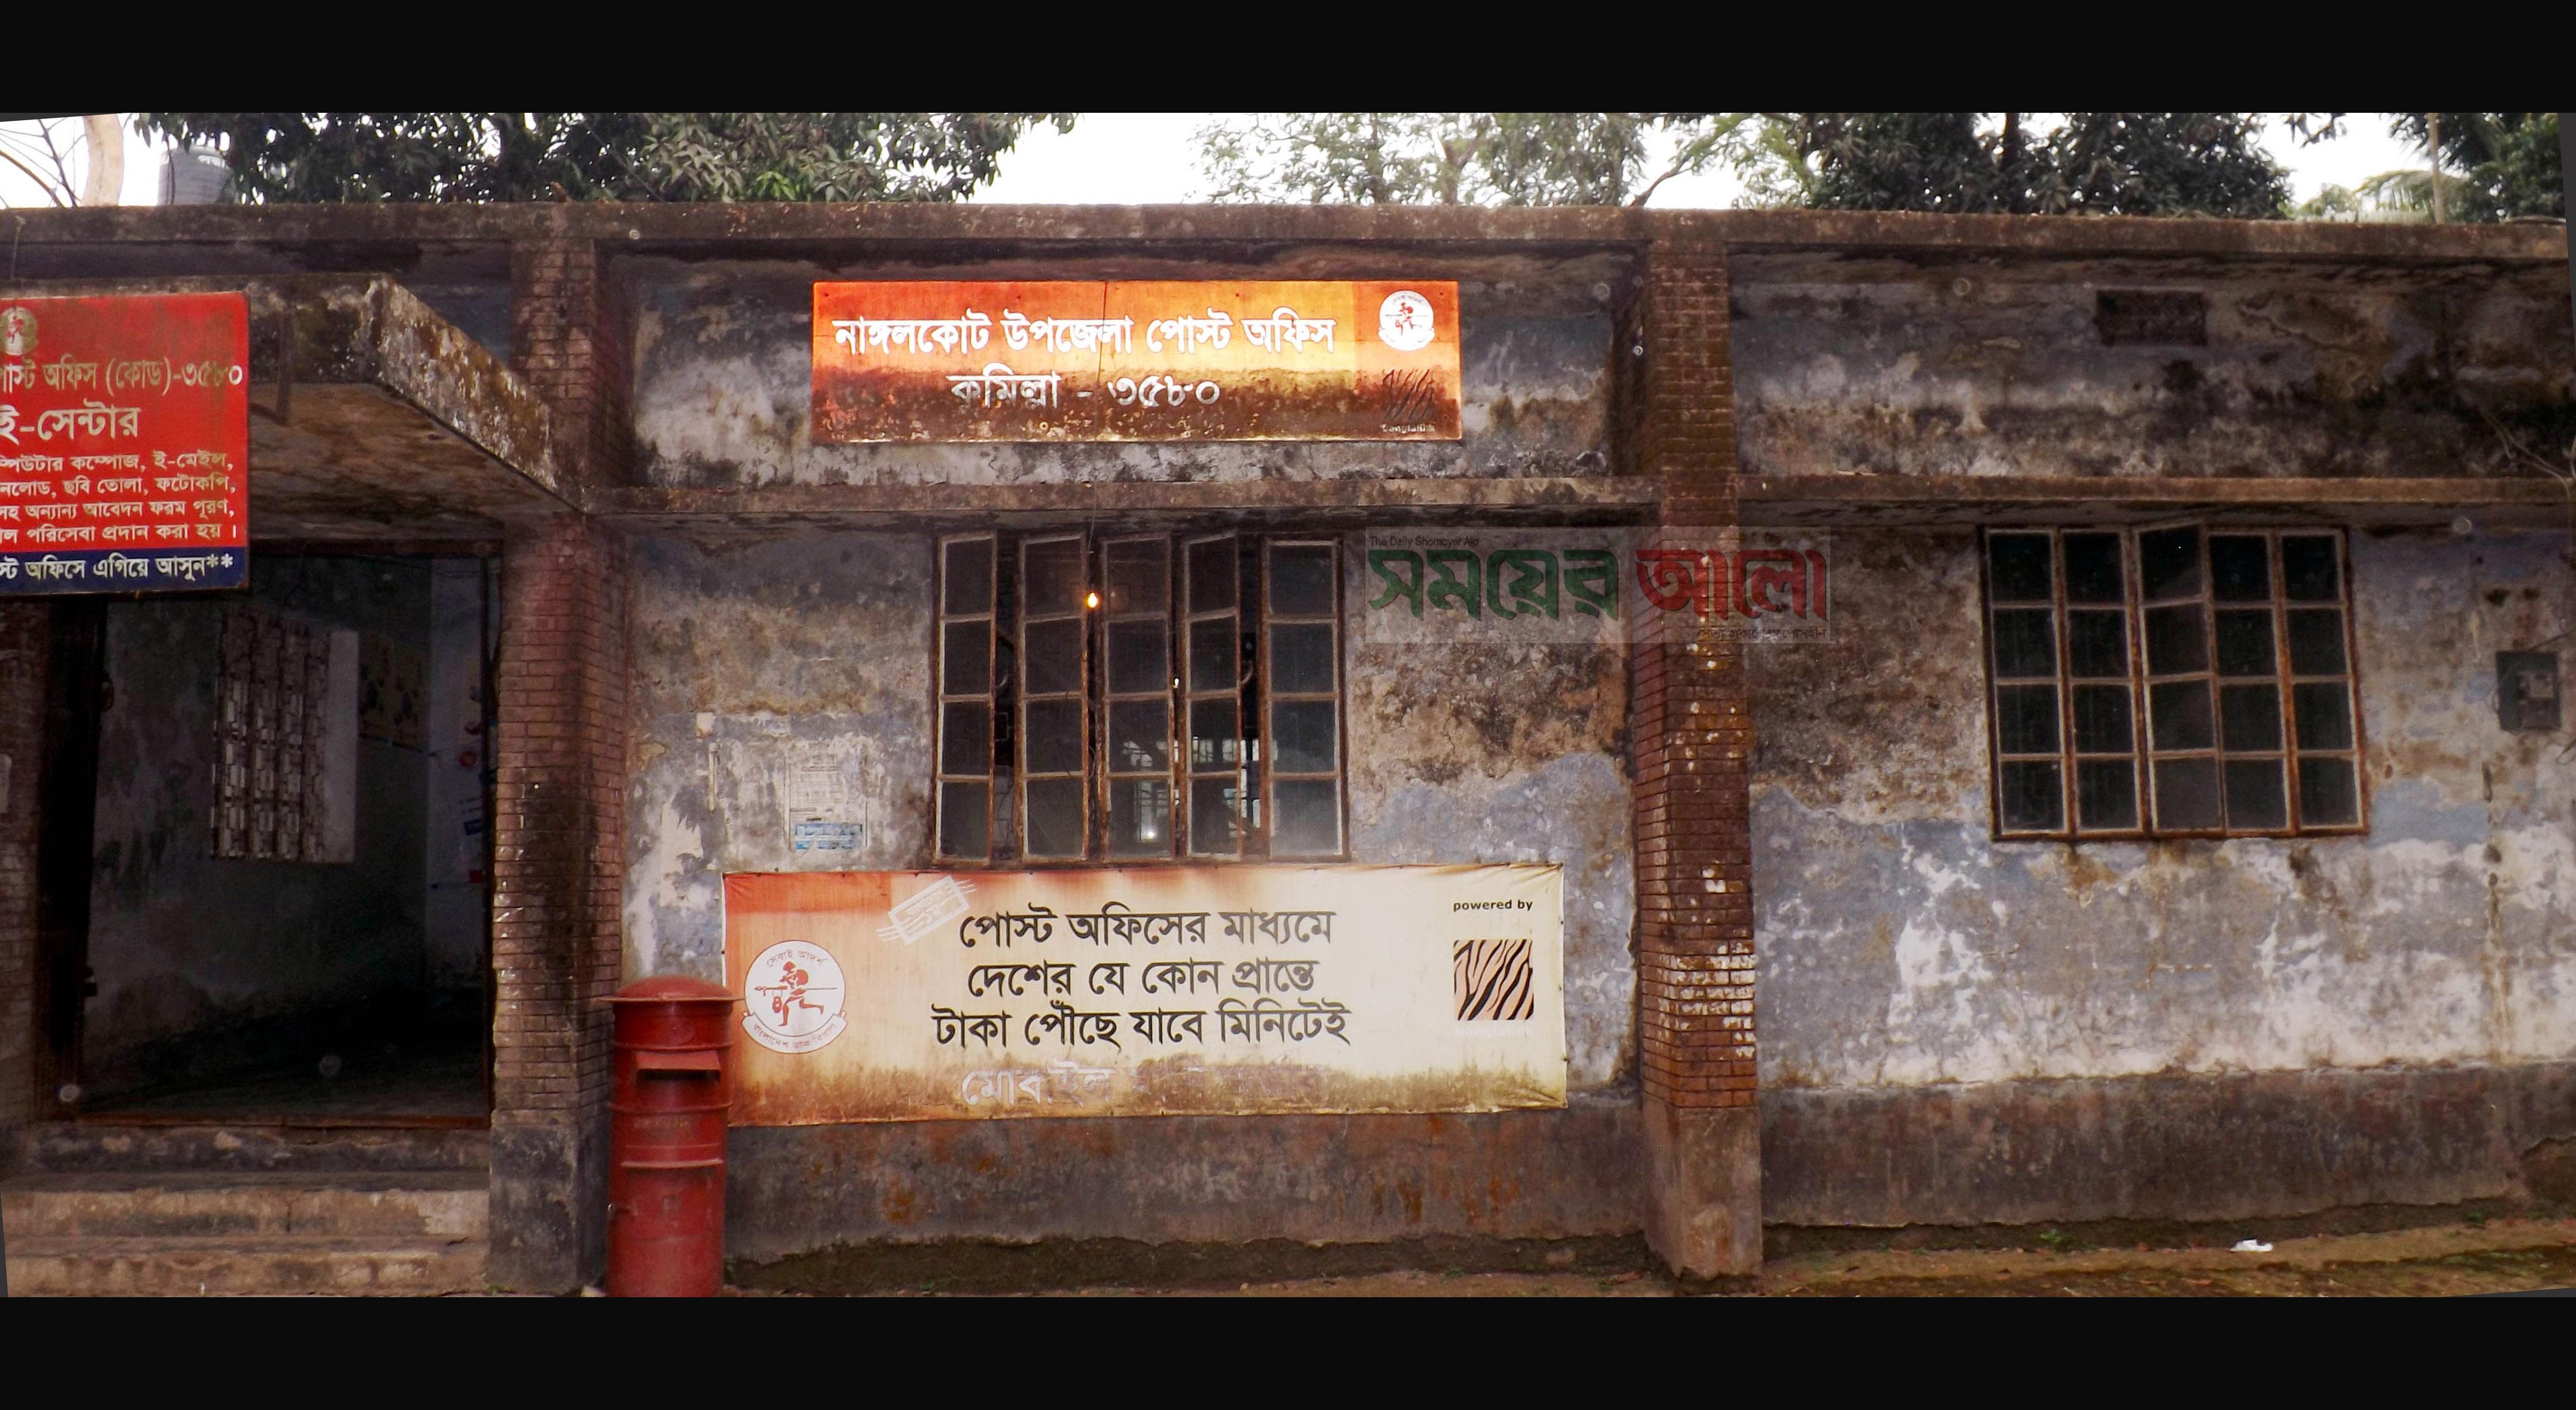 ঝুঁকিপূর্ণ নাঙ্গলকোট উপজেলা পোস্ট অফিস